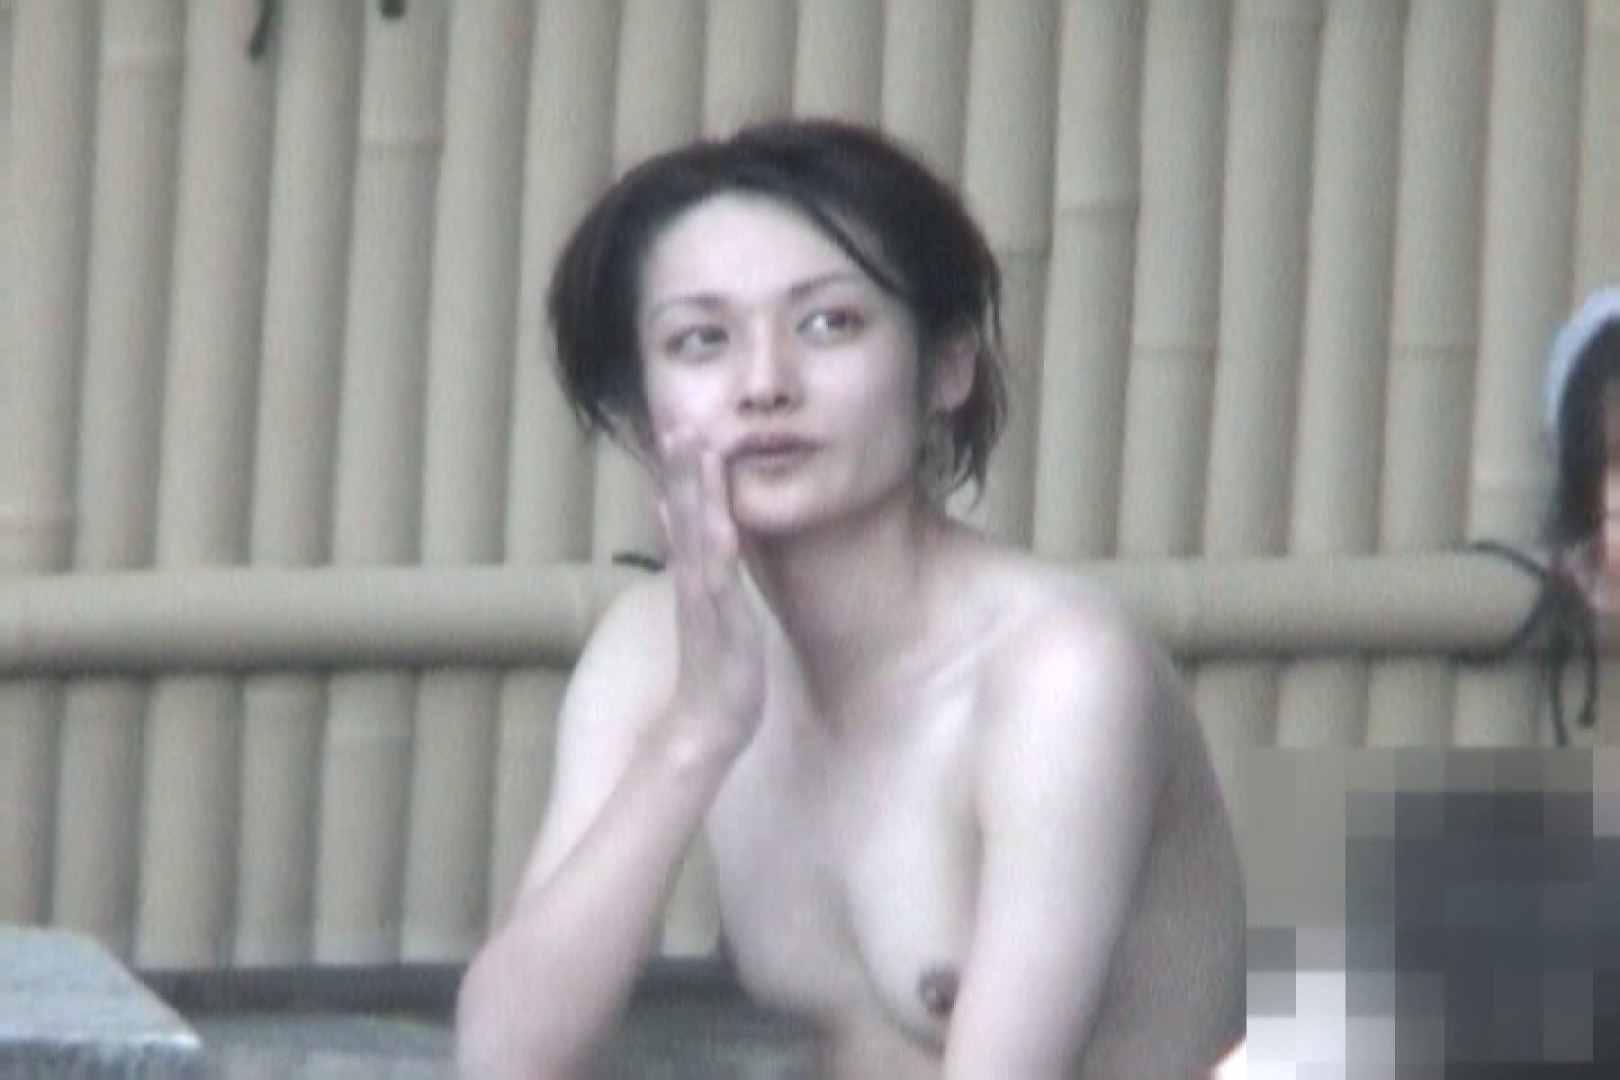 Aquaな露天風呂Vol.839 盗撮シリーズ  93PIX 82